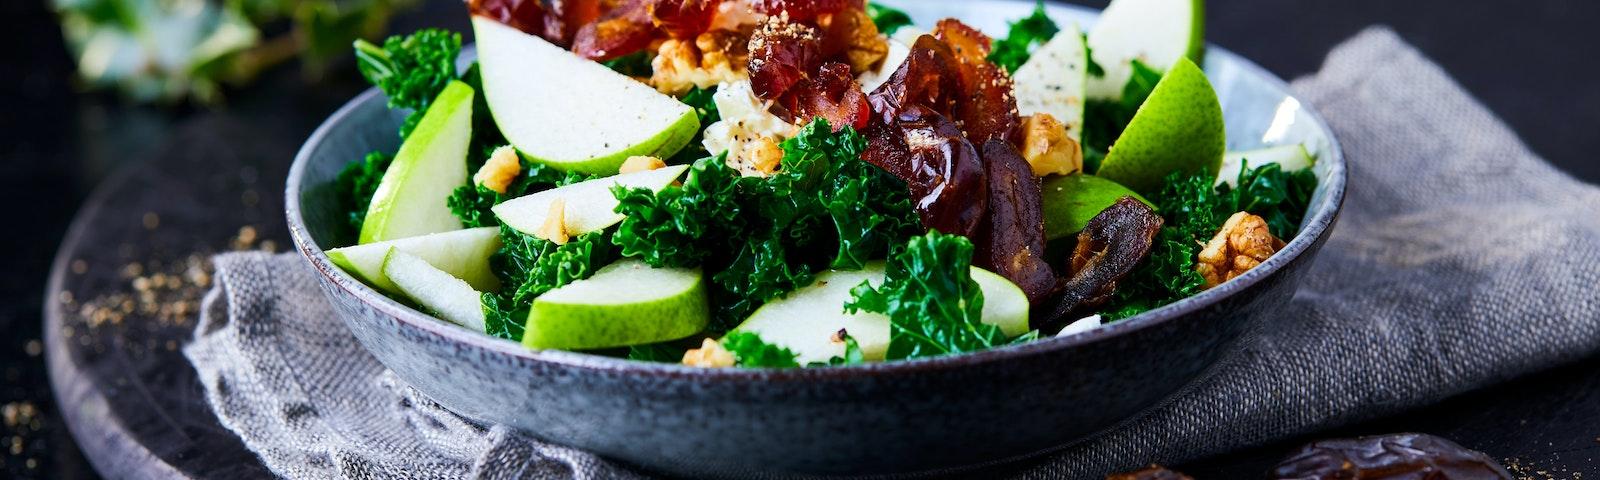 Sallad med grönkål, päron och dadlar